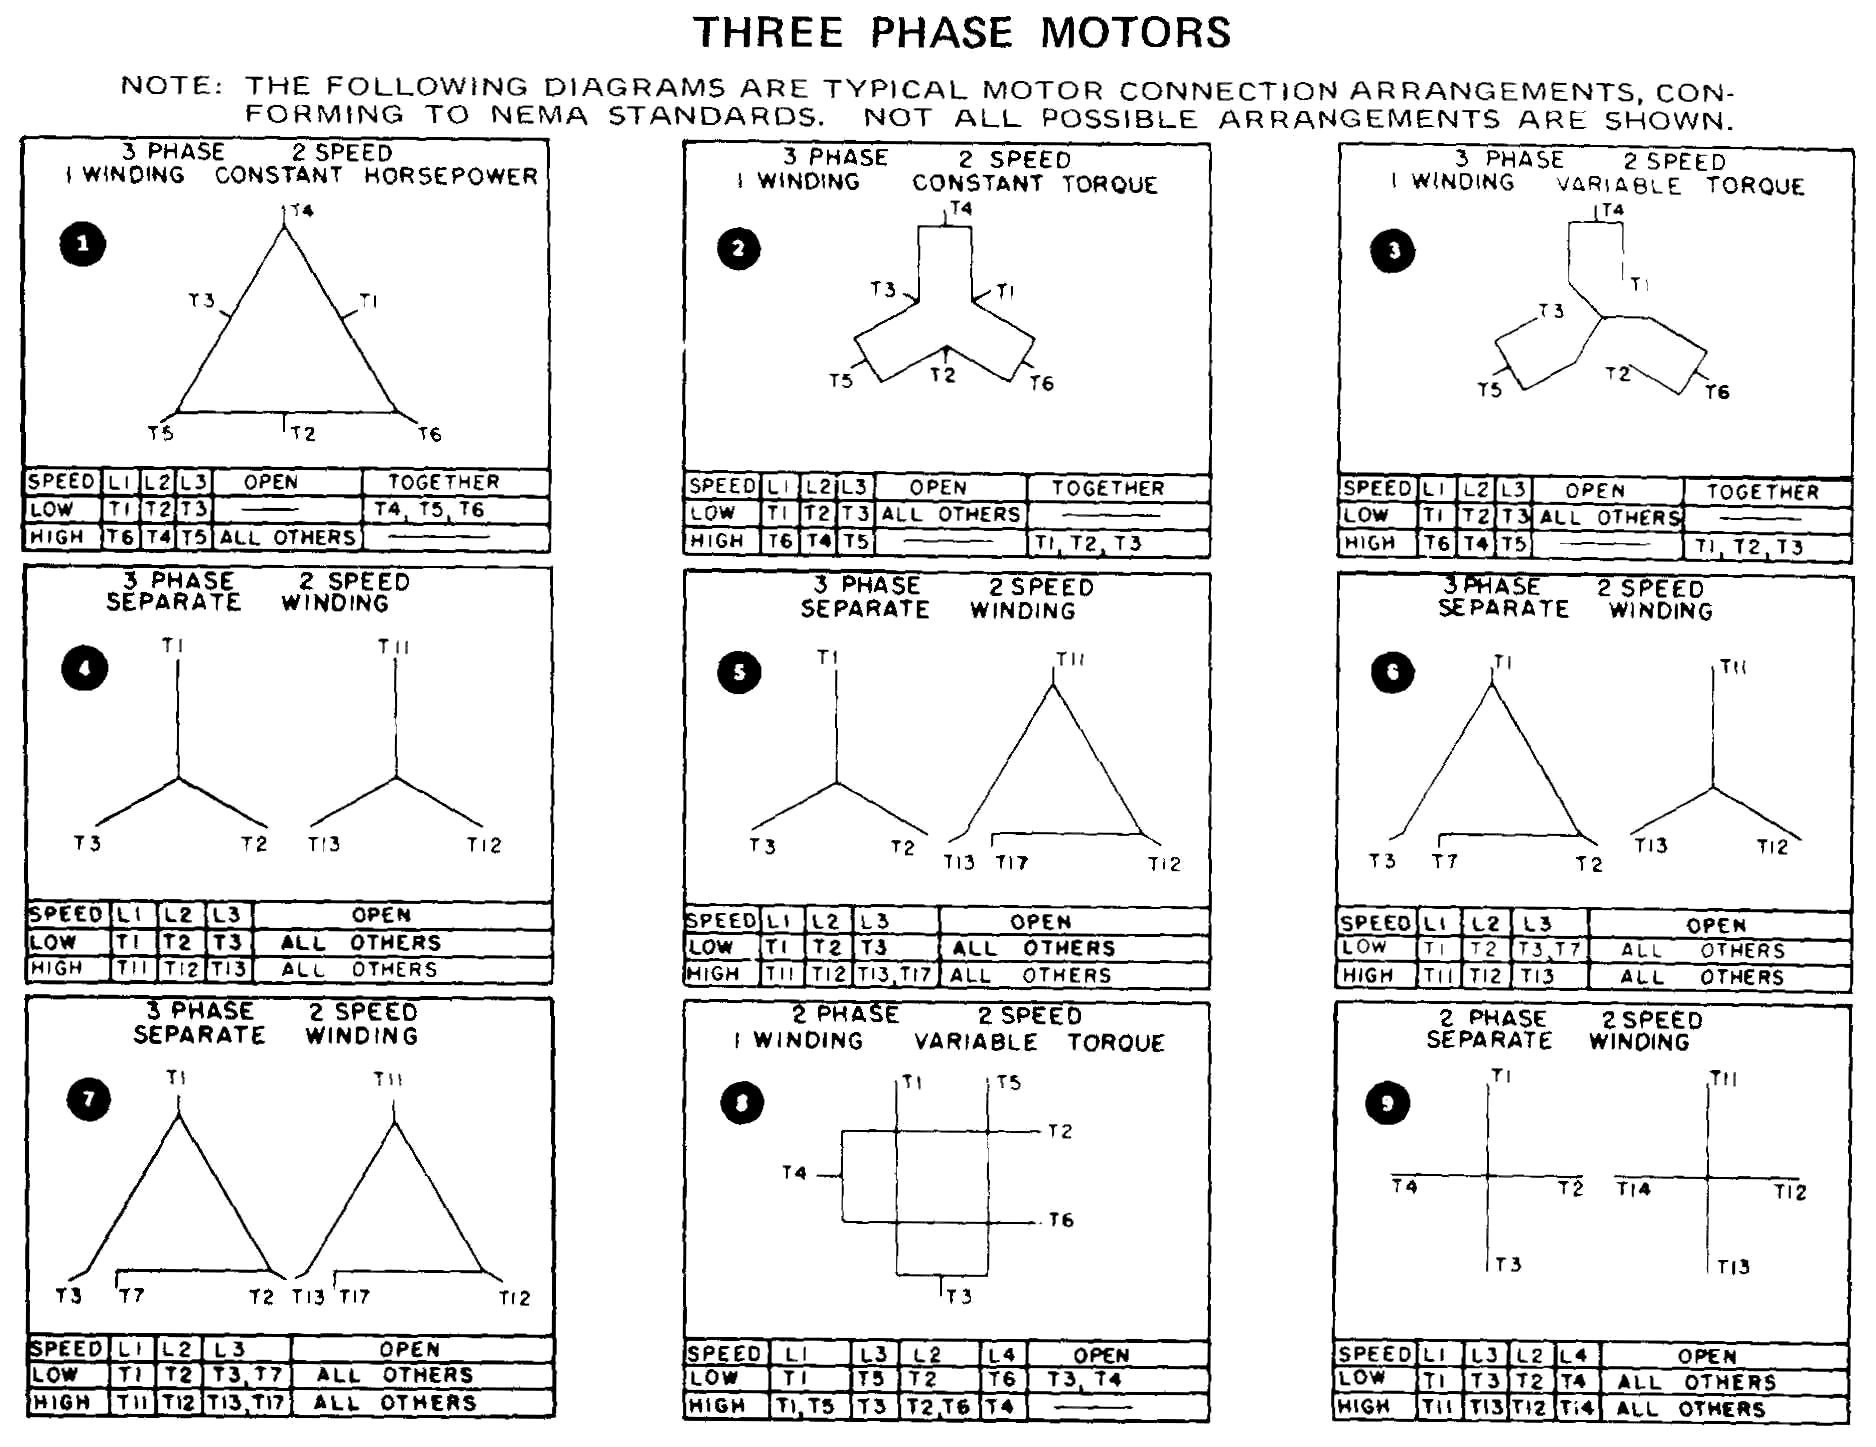 3 Phase Motor Wiring Diagram 12 Leads | Free Wiring Diagram - 3 Phase Motor Wiring Diagram 9 Leads